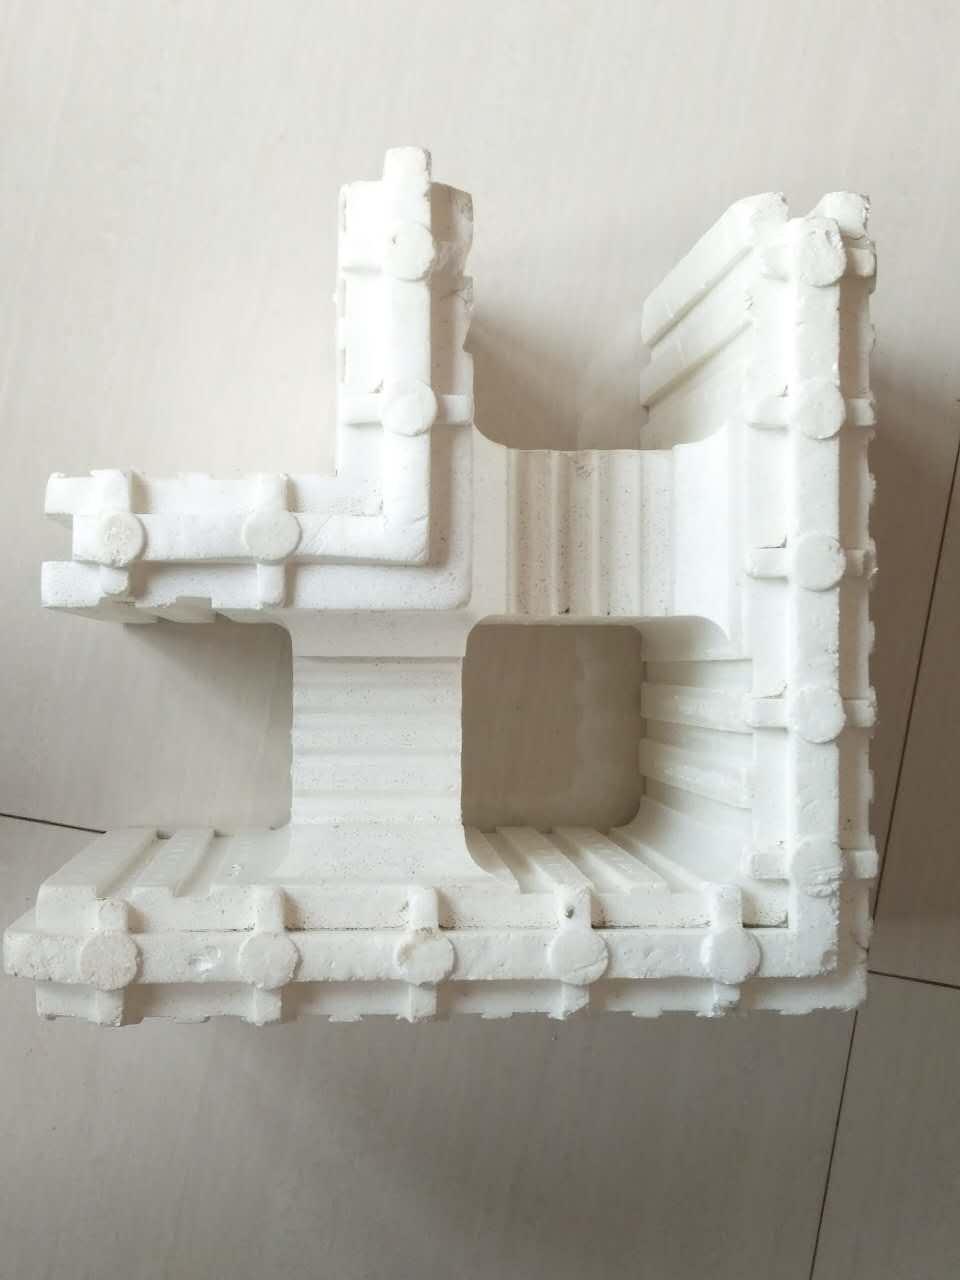 吉林省振东恒建筑材料有限公司